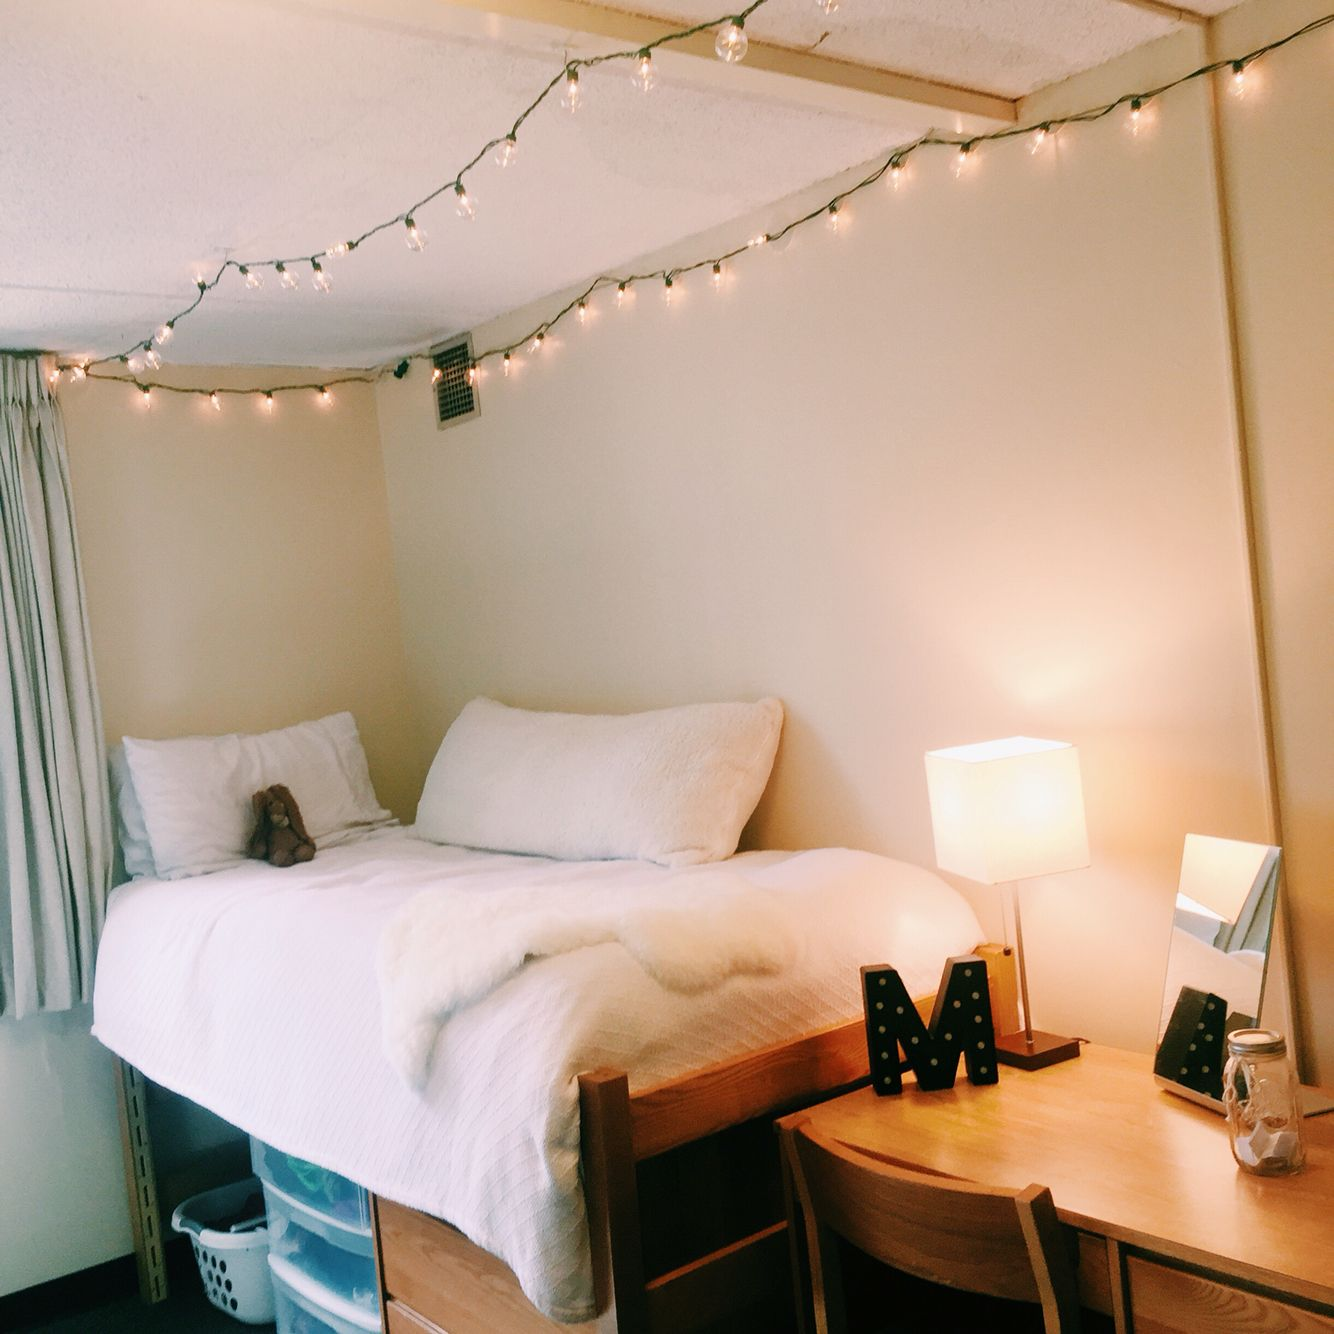 Minimalist Bedroom Decor Ideas: My Minimalist Dorm Room …